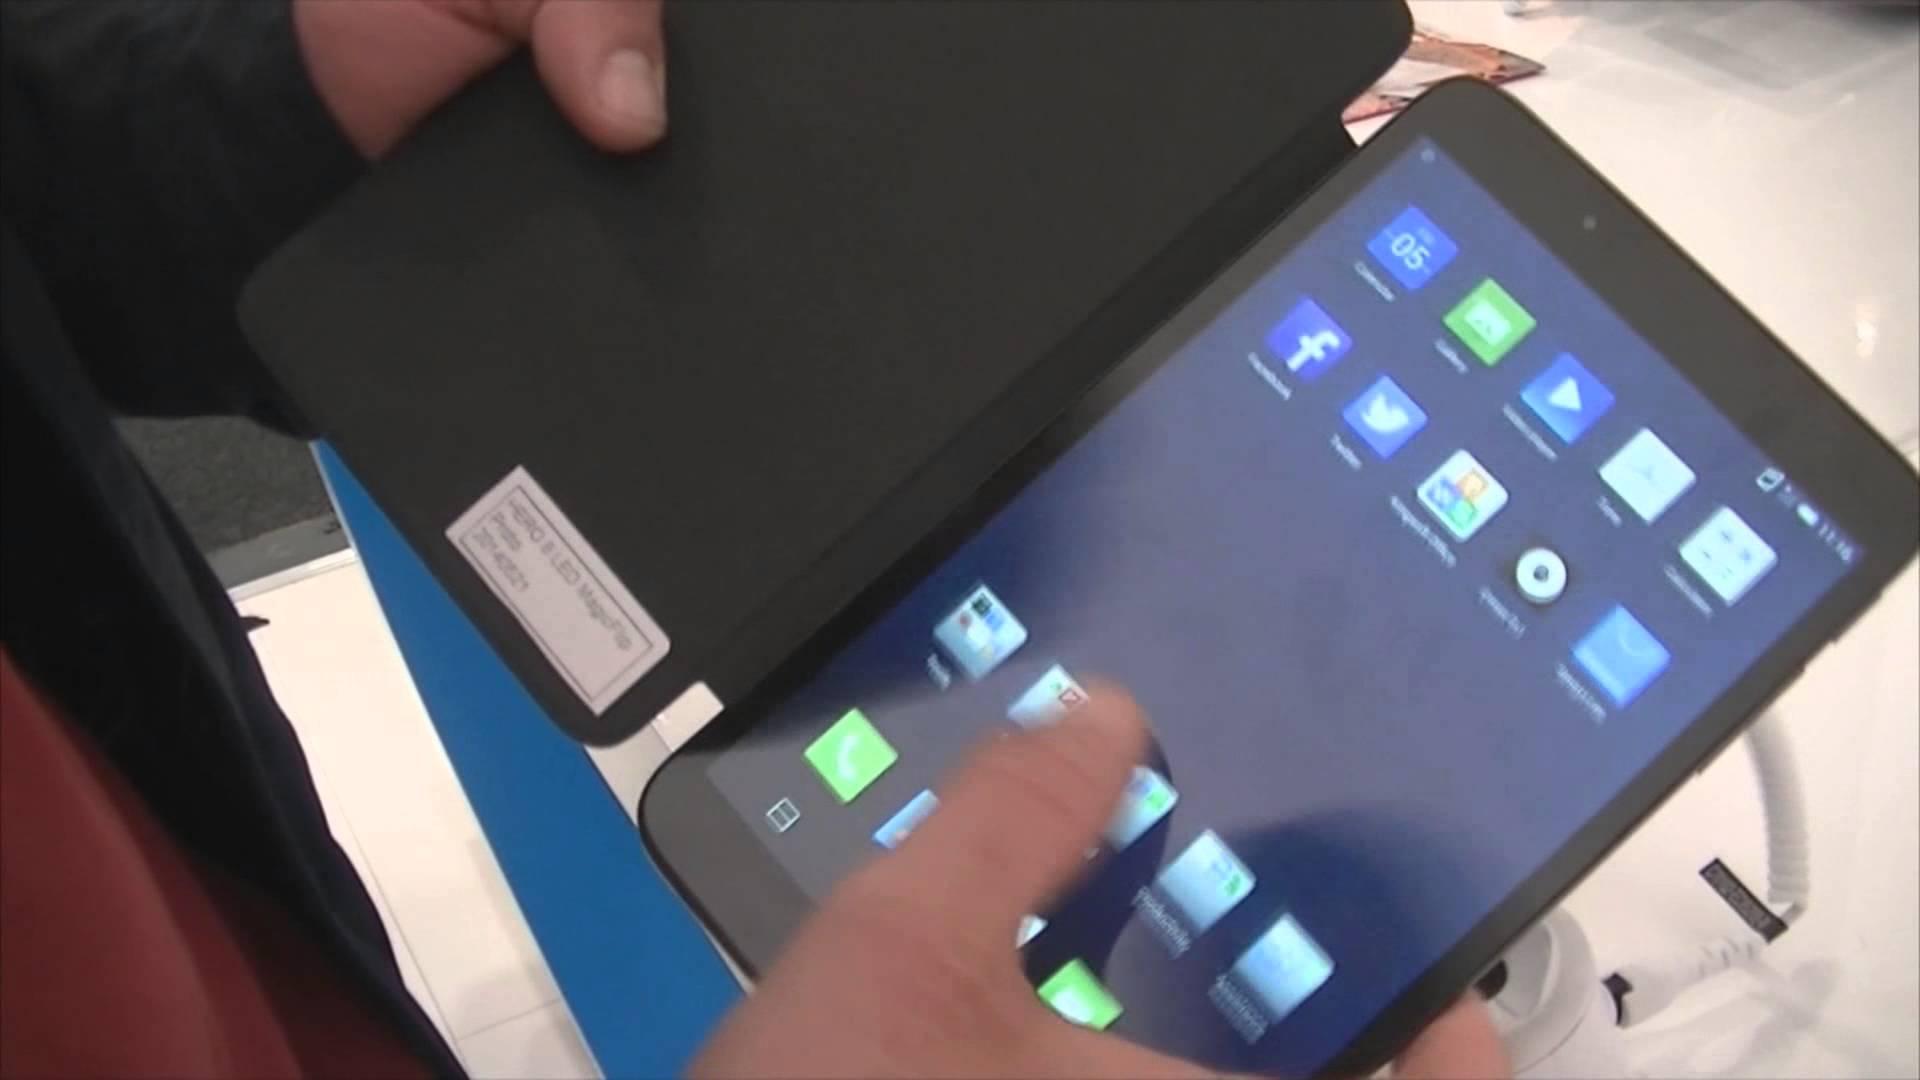 IFA 2014 : Prise en main de la tablette Alcatel One Touch Hero 8